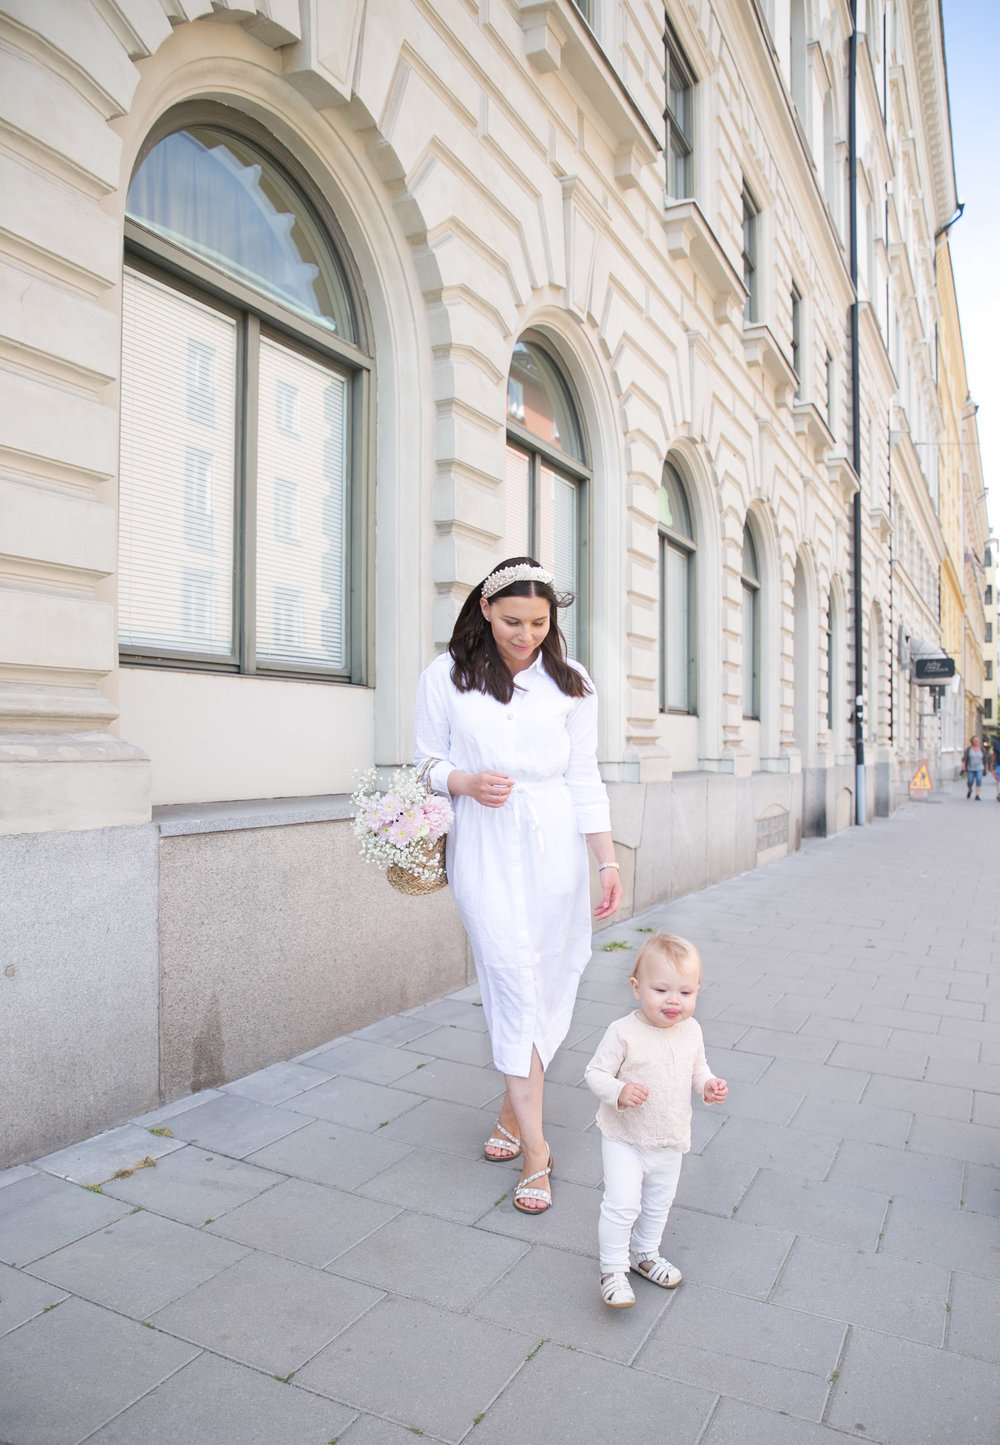 Angelica Aurell mode stil skjortklanning.jpg